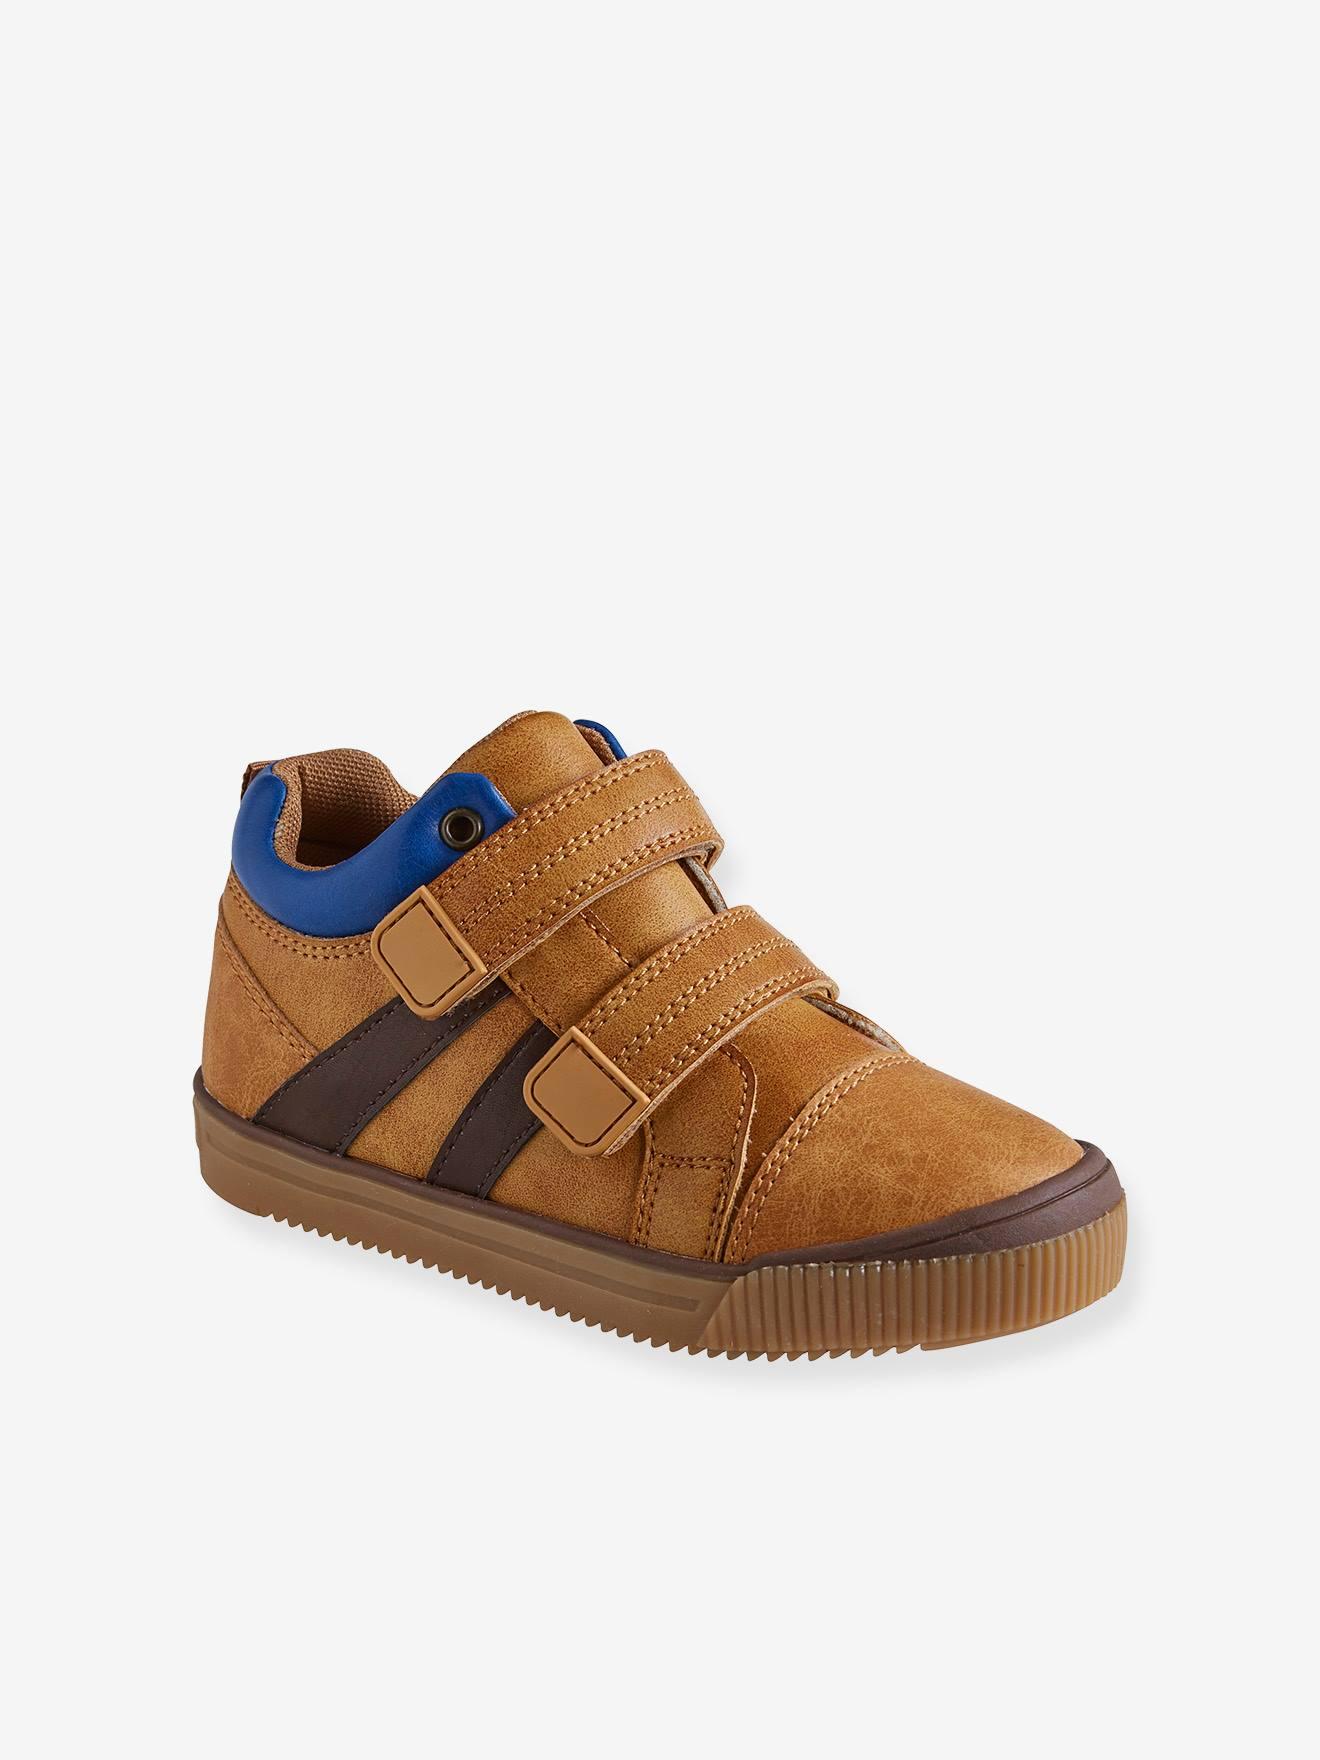 Chaussures garçon 27 , Magasin de baskets \u0026 bottes pour